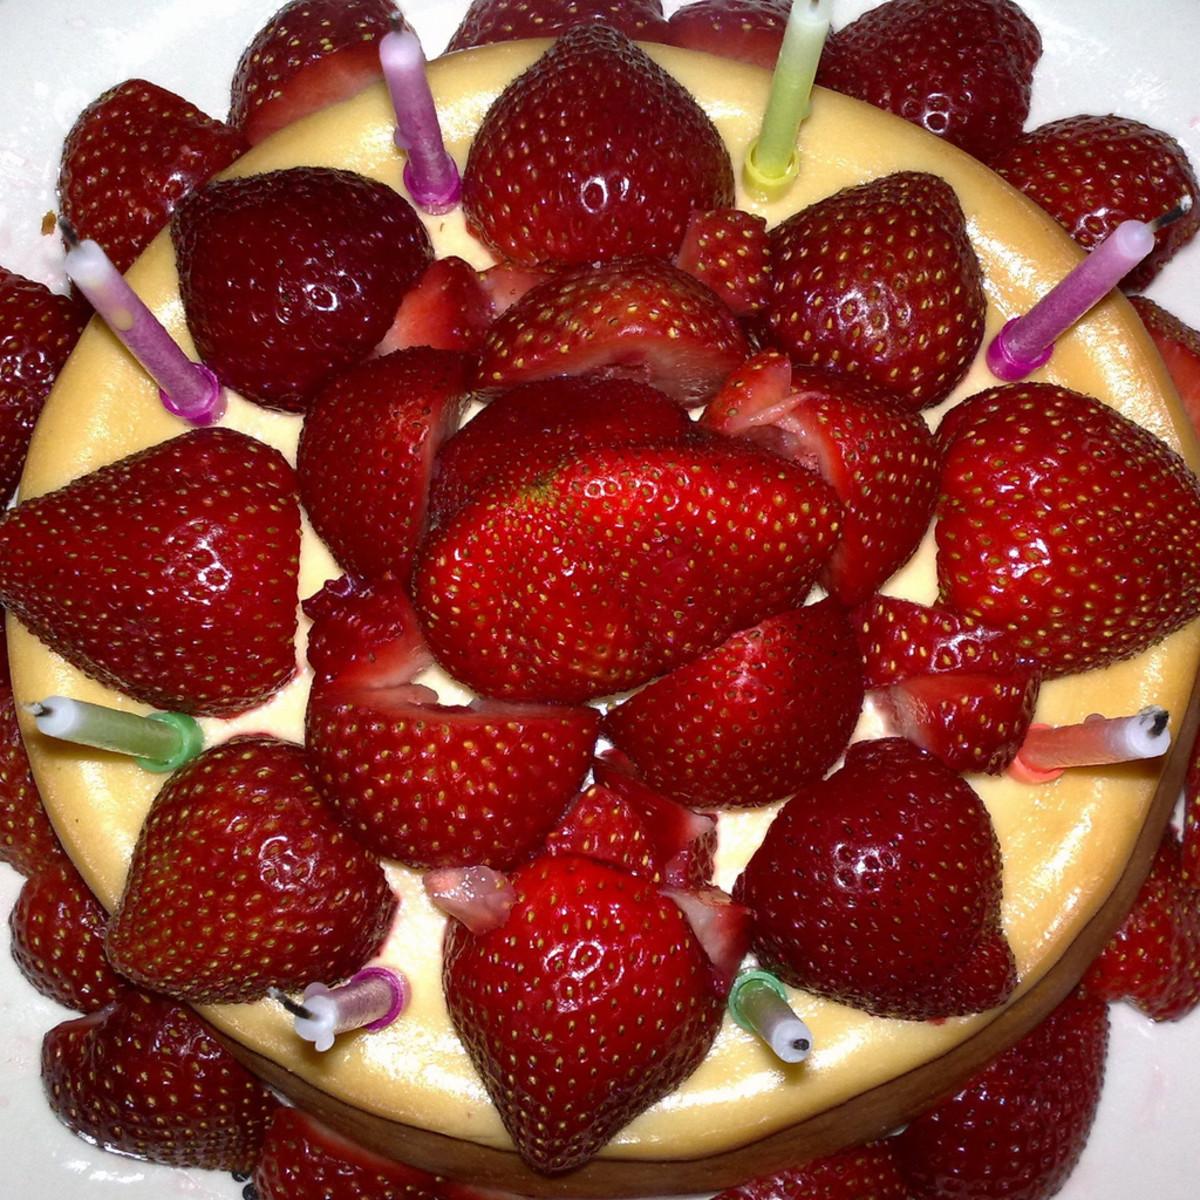 10-desserts-under-100-calories